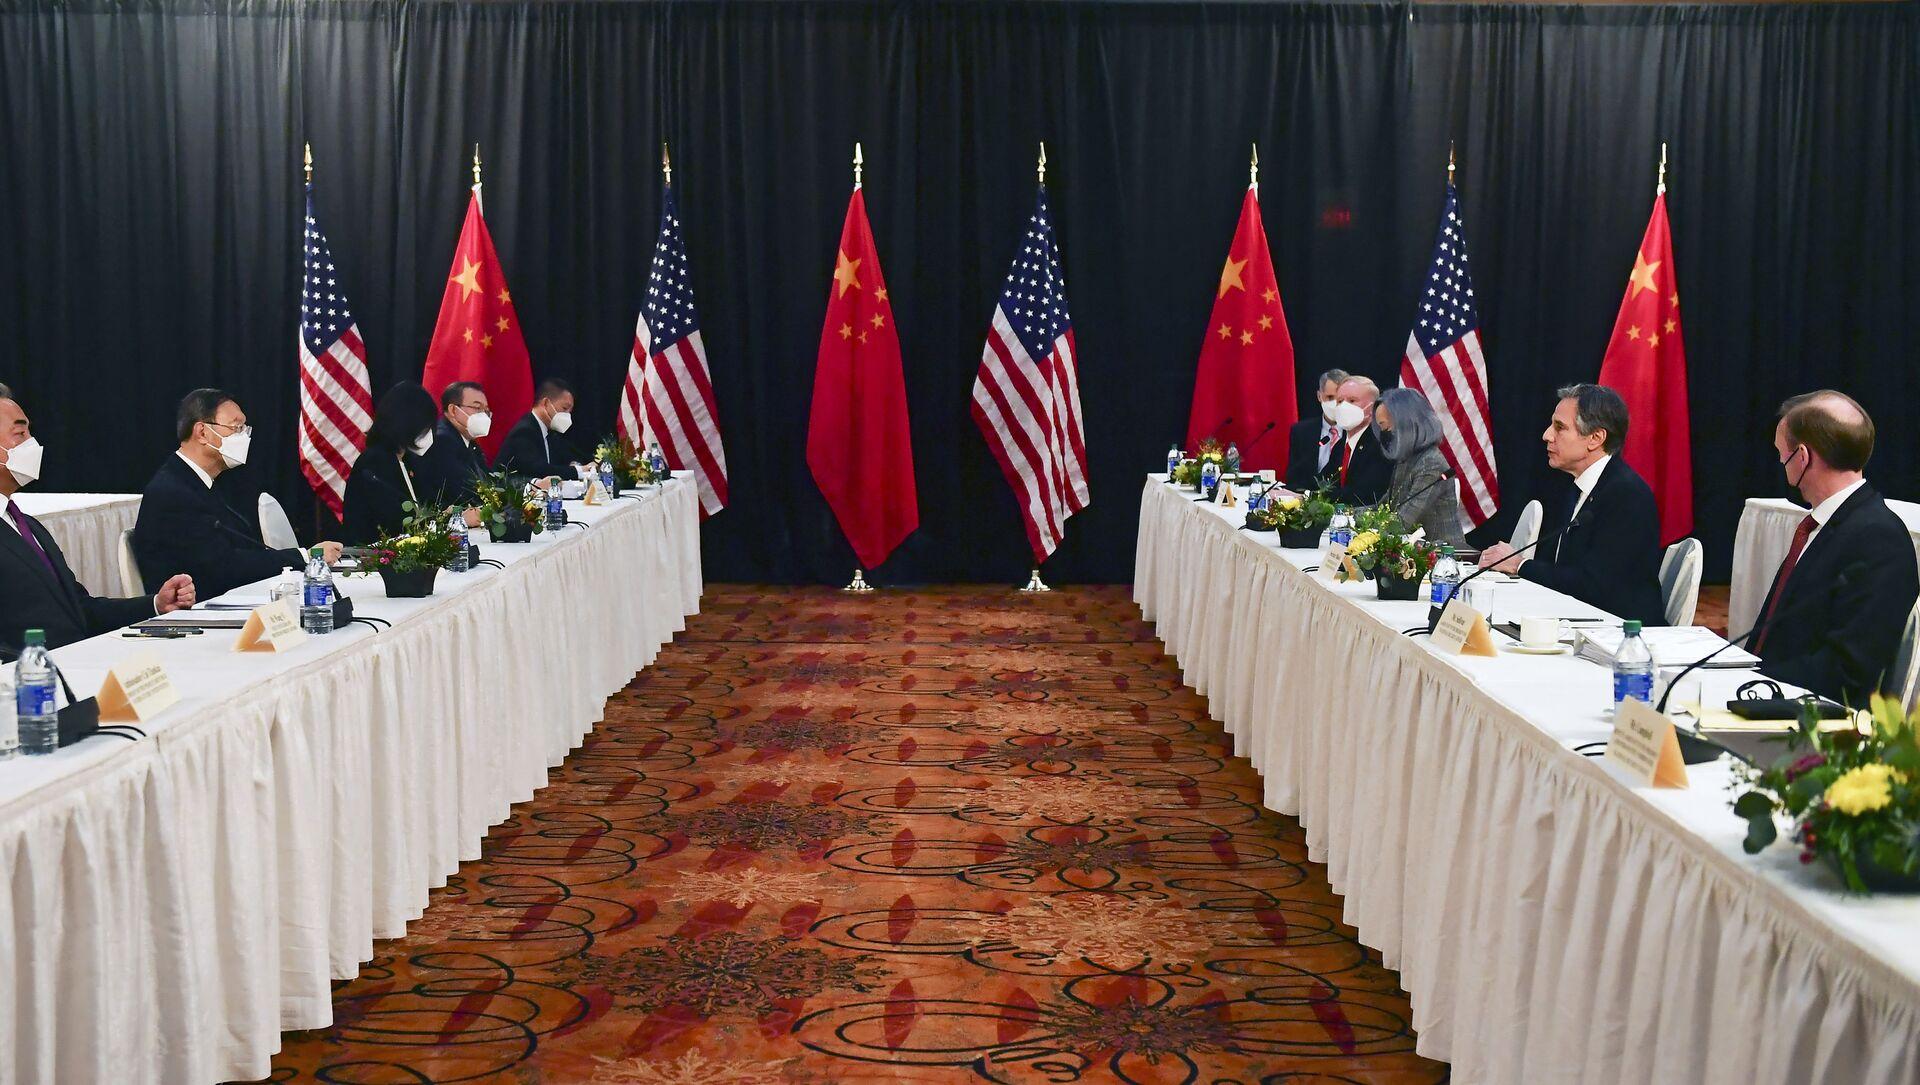 Rencontre des diplomaties américaine et chinoise en Alaska le 18 mars - Sputnik France, 1920, 25.03.2021